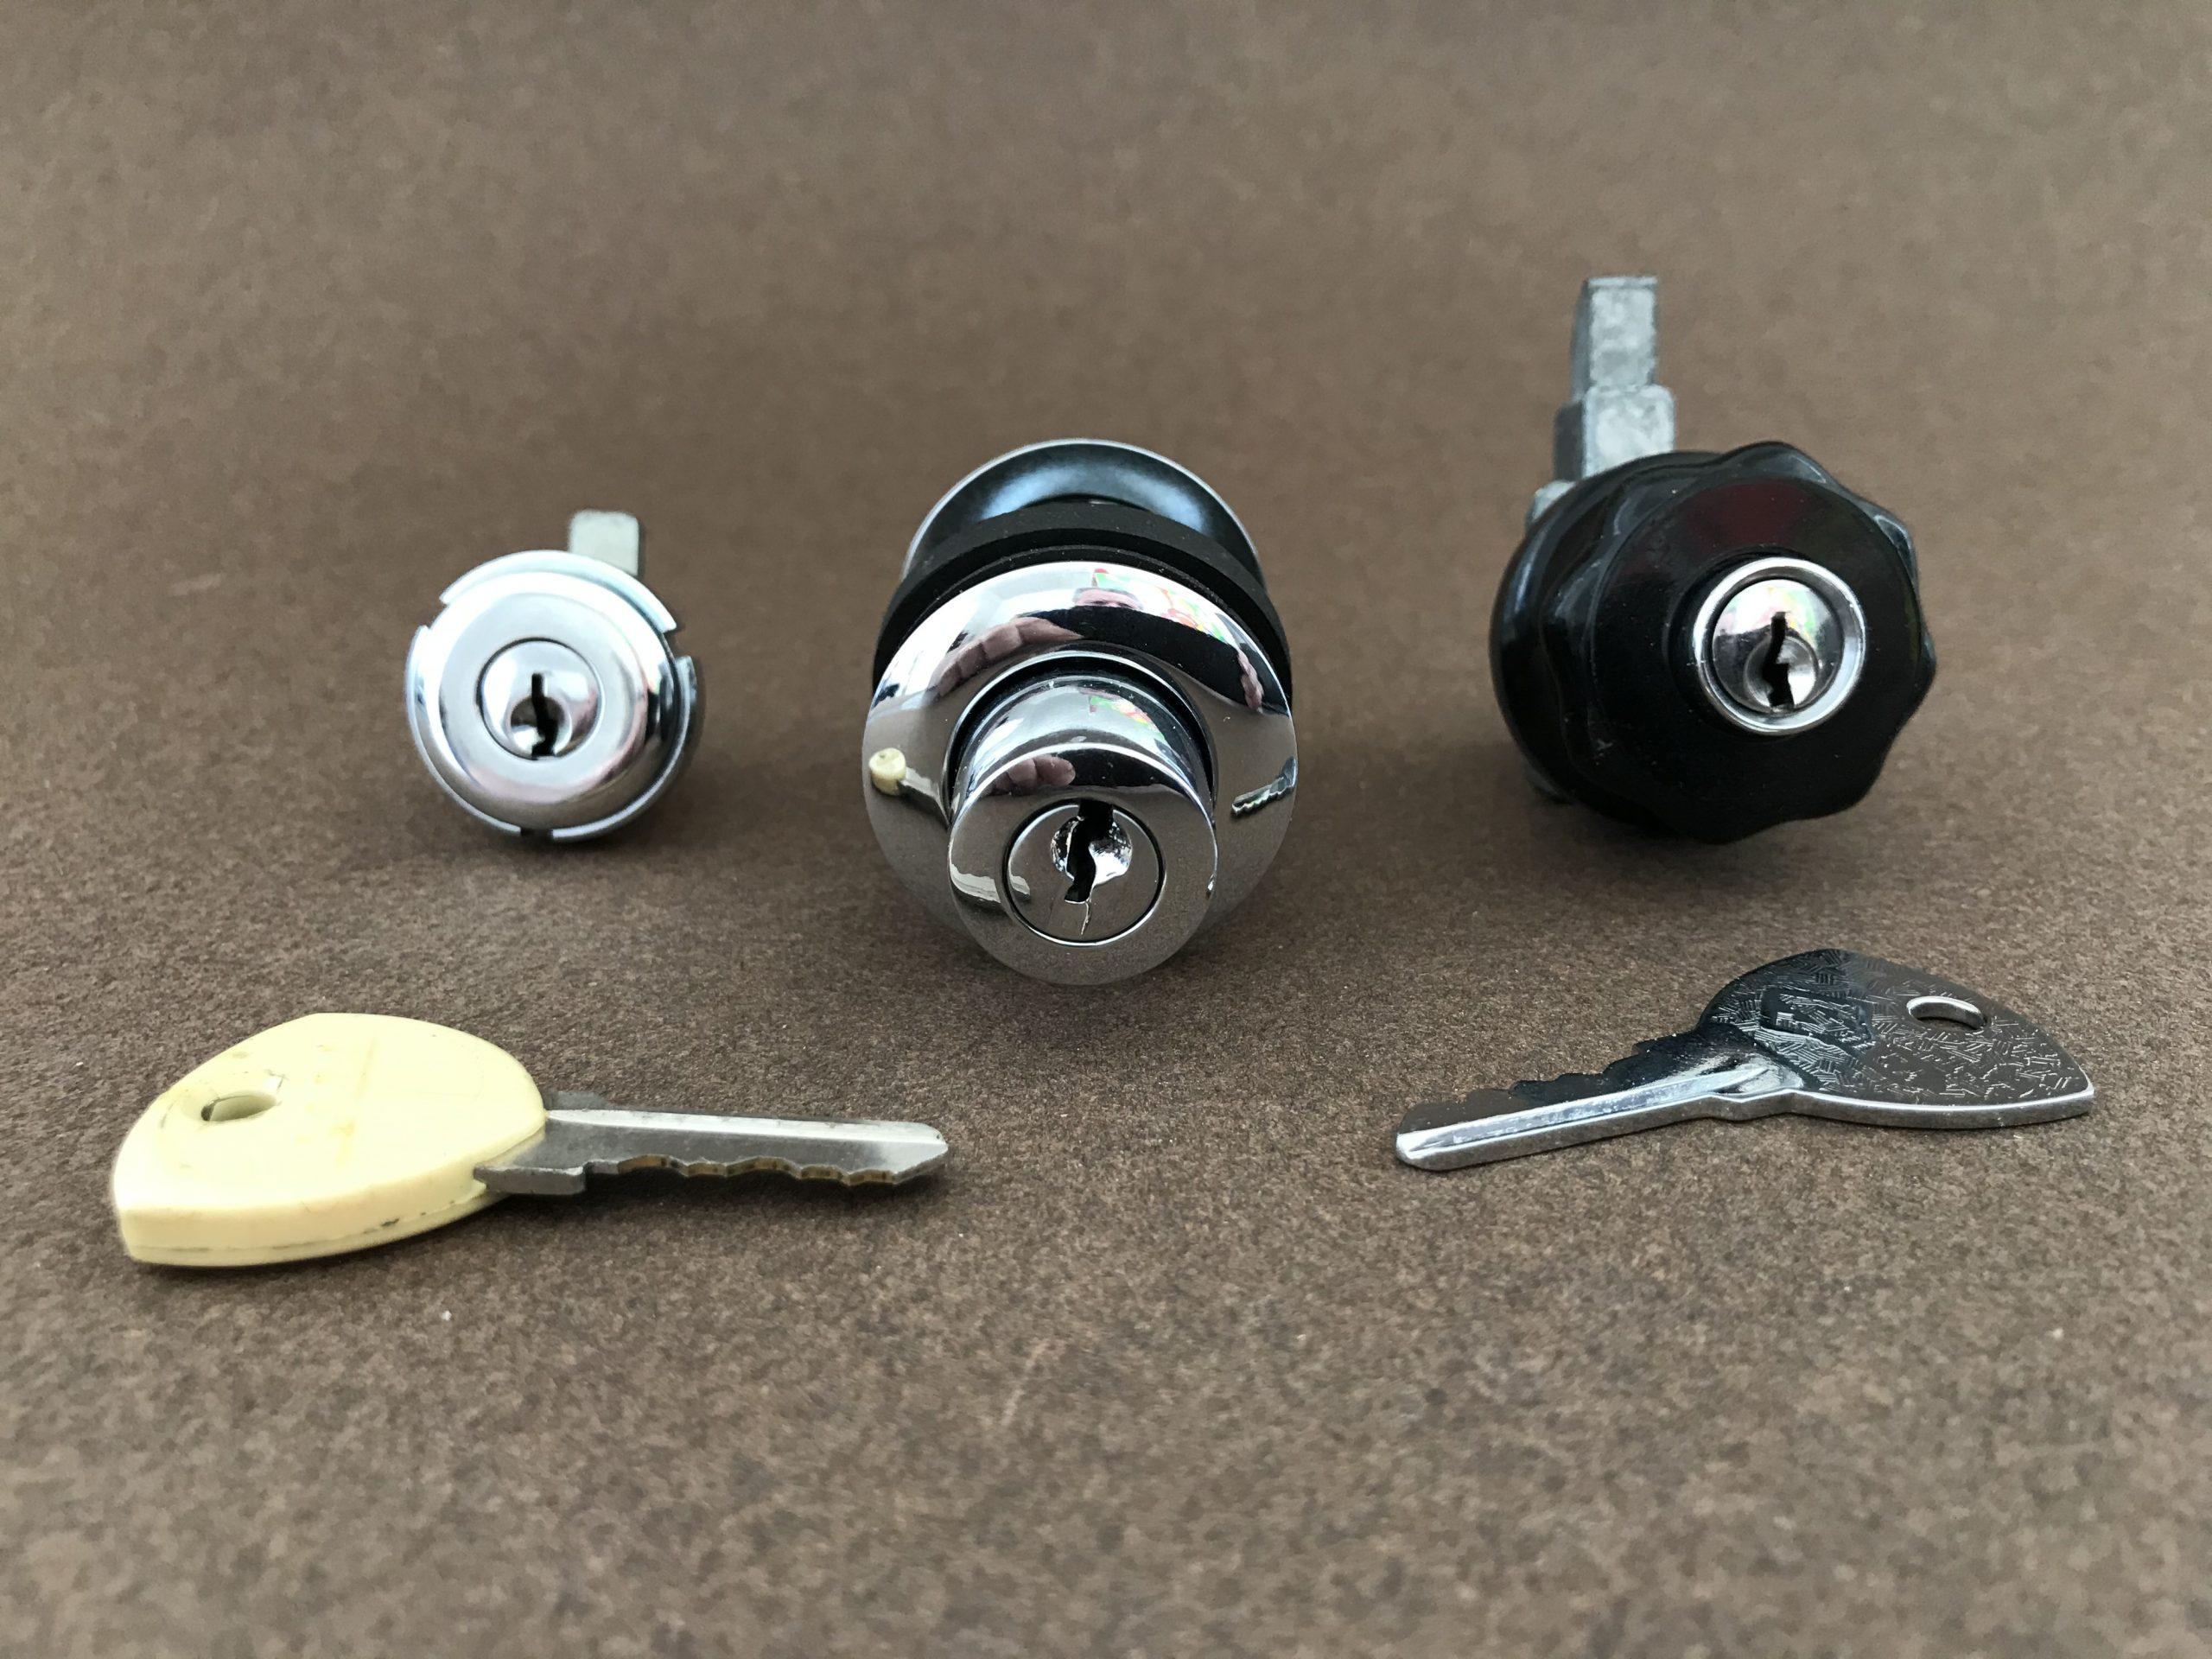 Flaminia Zagato Lock Set Image